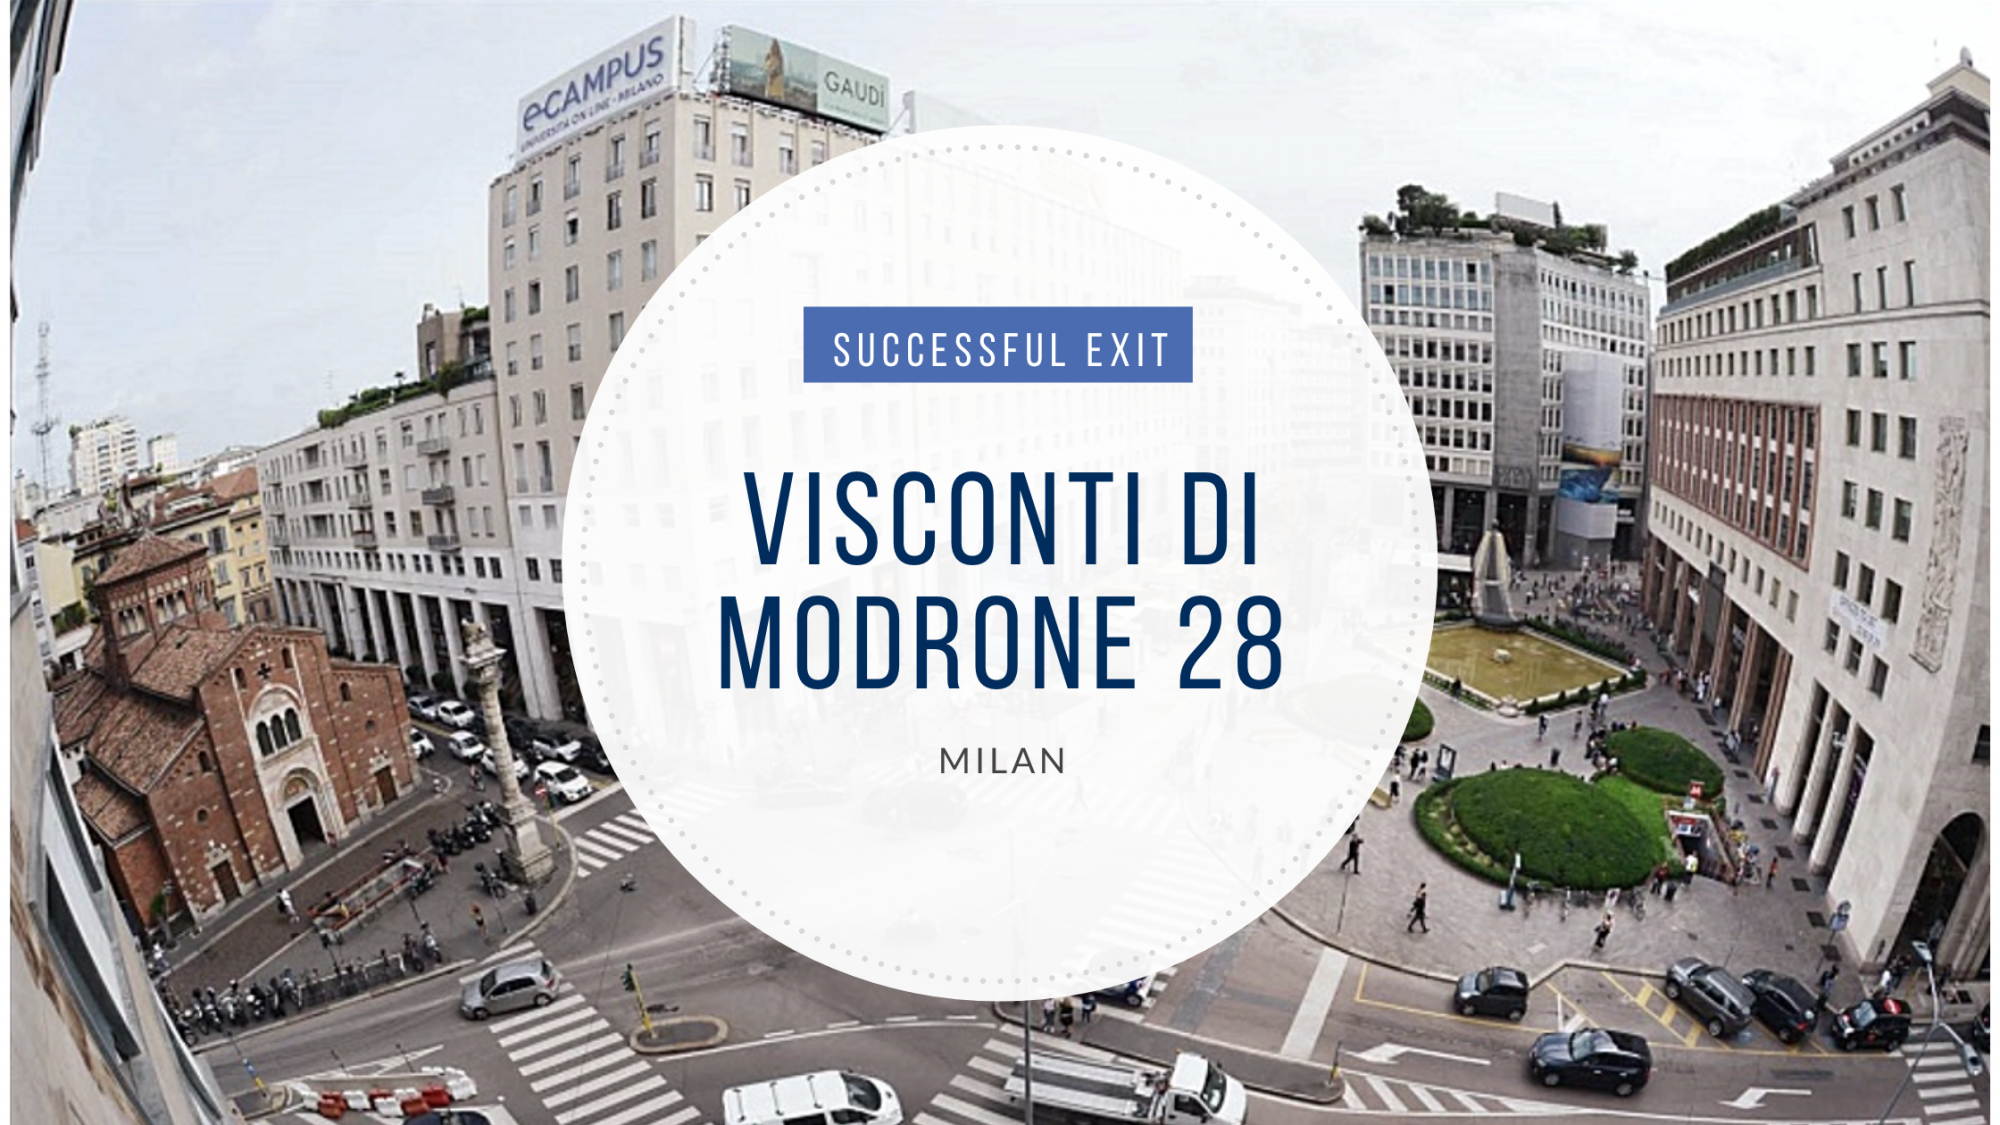 Successful exit: Visconti di Modrone 28, Milan